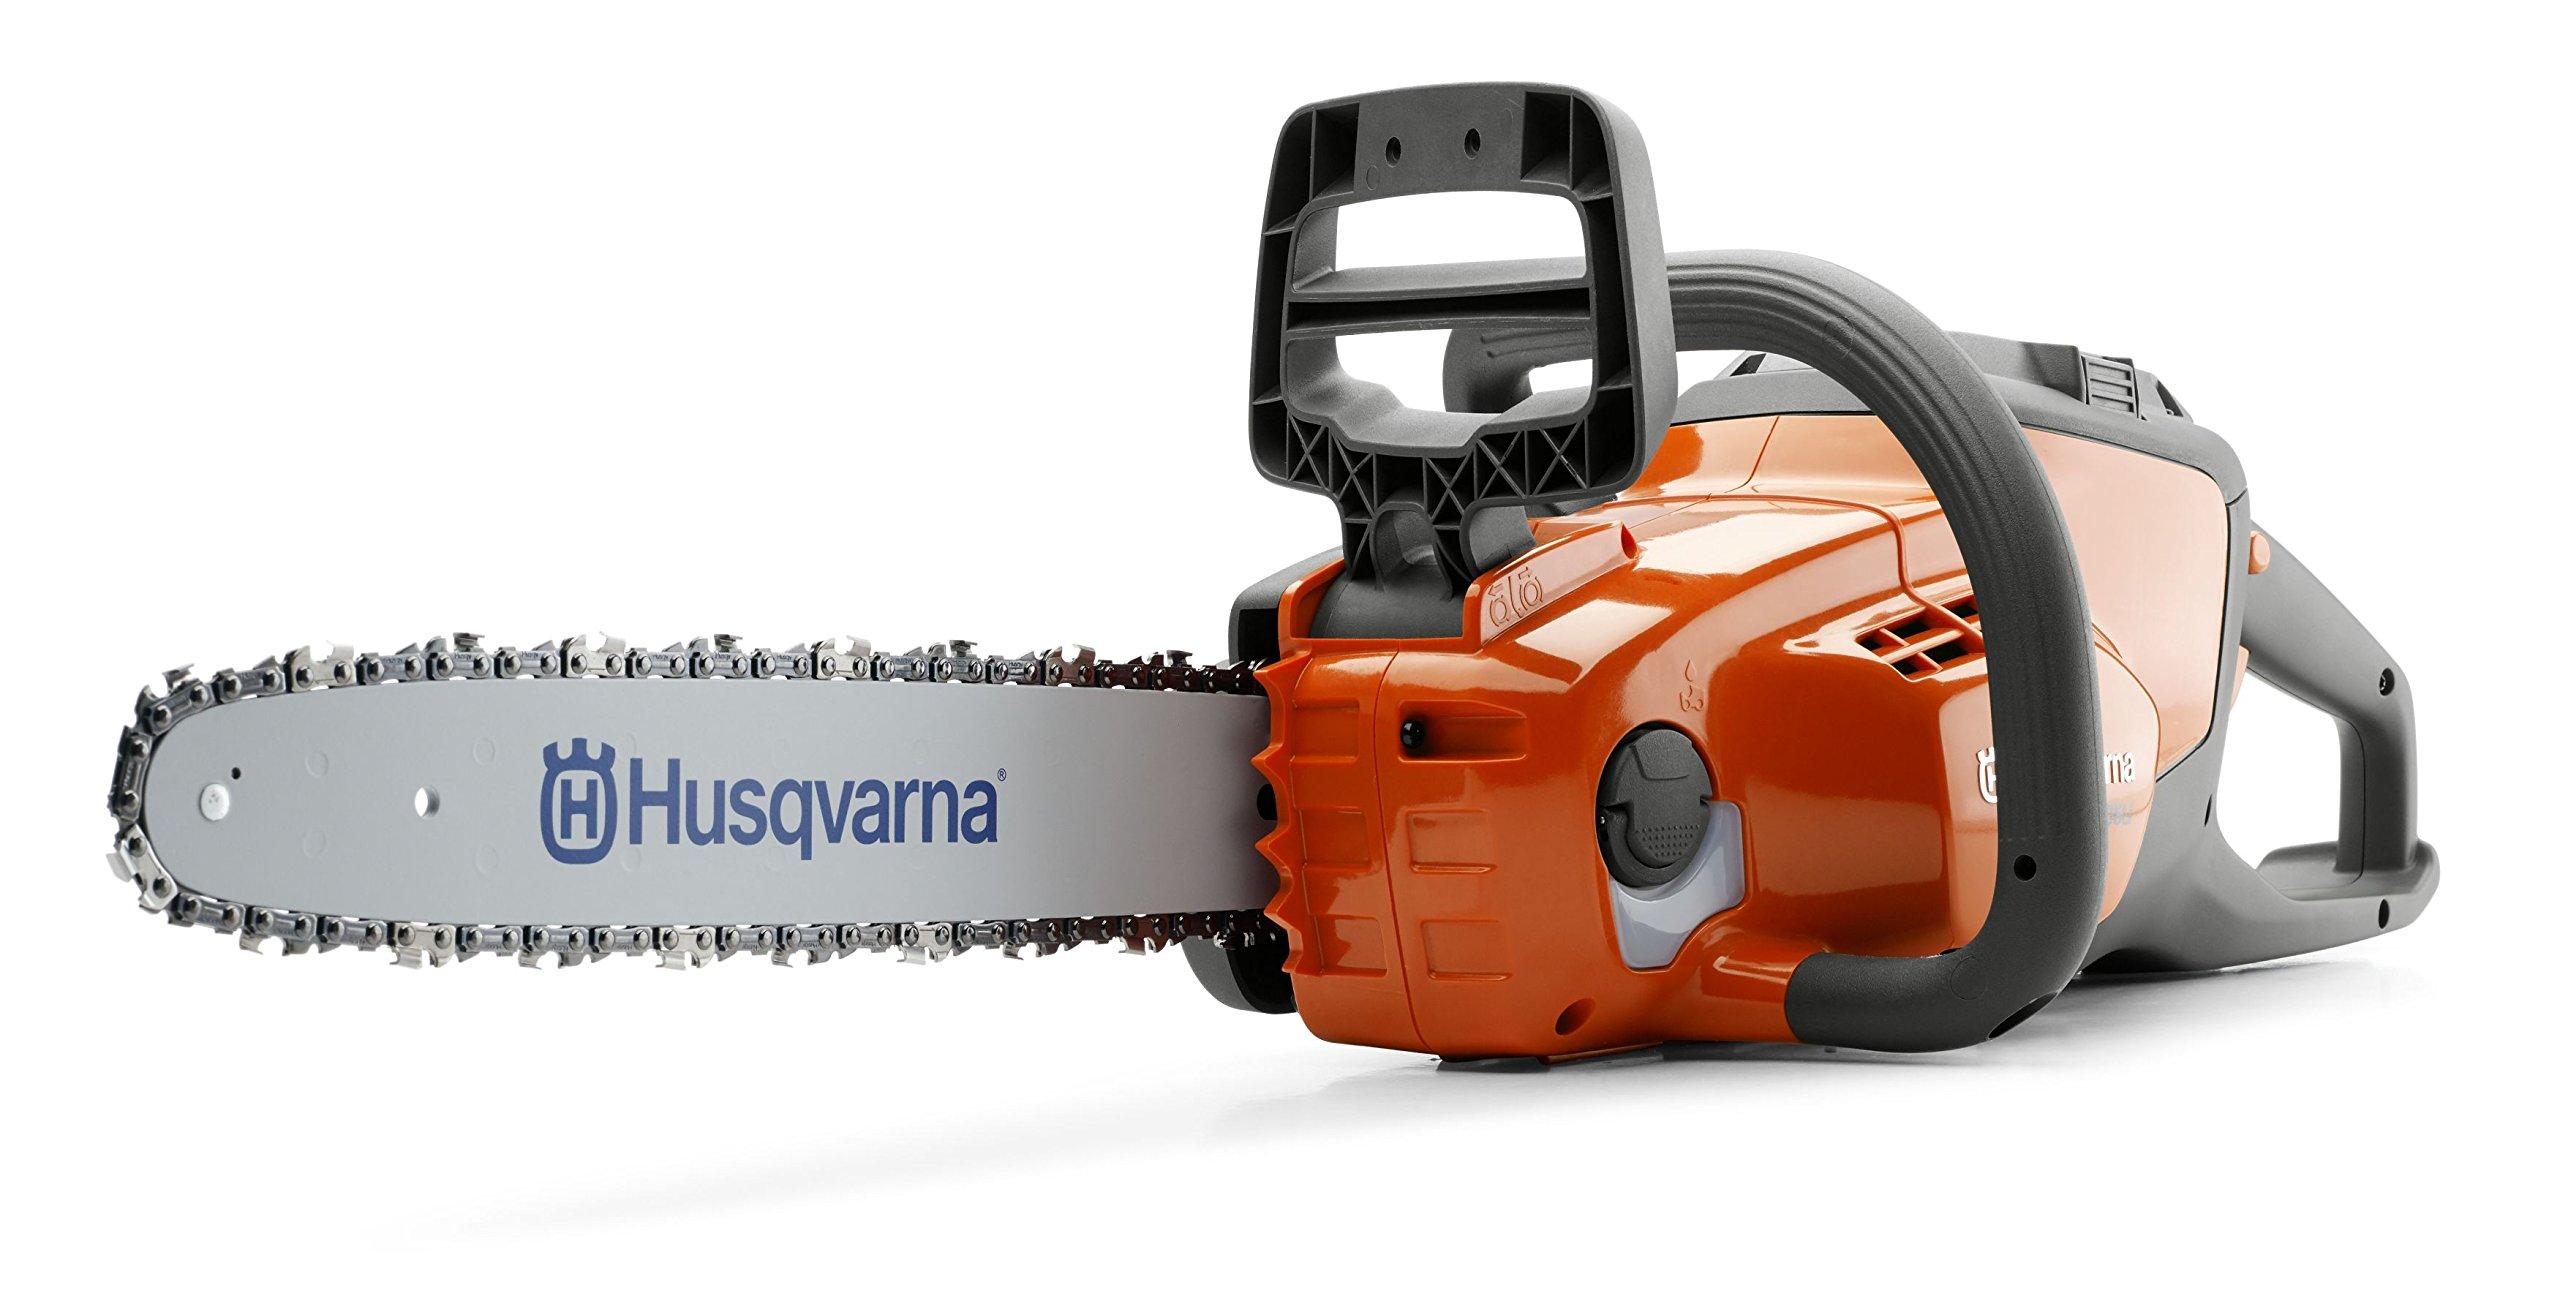 Husqvarna-Akku-Kettensge-120i-Akku-QC80